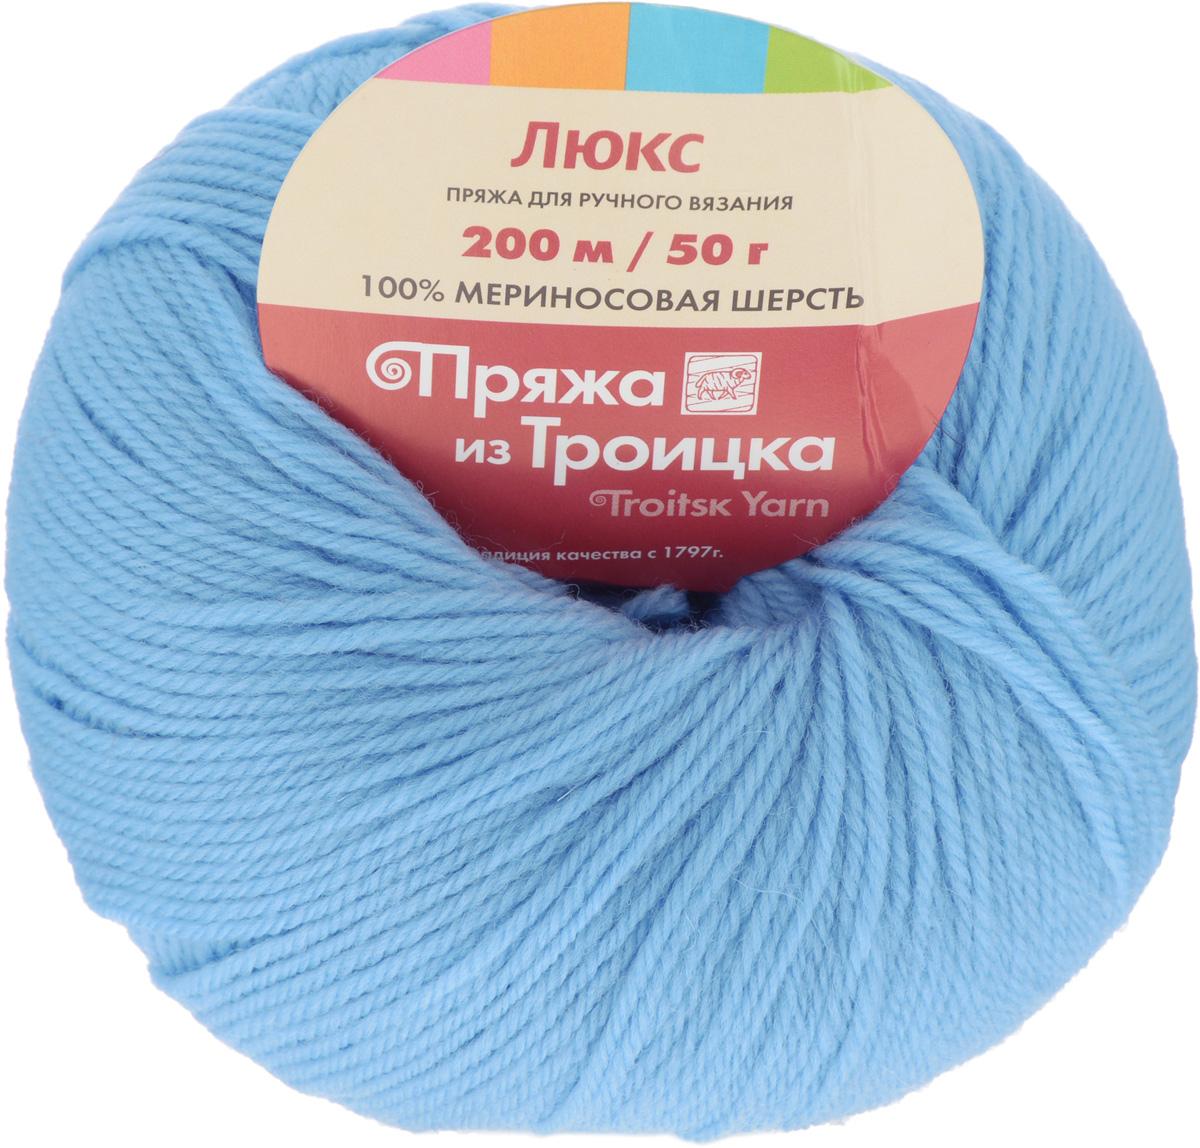 Пряжа для вязания Люкс, цвет: светло-голубой (0300), 200 м, 50 г, 10 шт366072_0300Пряжа для вязания Люкс изготовлена из плотно скрученных нитей мериносовой шерсти и акрила. Изделия из этой пряжи не линяют и сохраняют после стирки не только цвет, но и форму. Пряжа идеально подходит для вязания шарфов, шапок, варежек, пуловеров, шалей. С такой пряжей процесс вязания превратится в настоящее удовольствие, а готовое изделие подарит уют и комфорт. Состав: мериносовая шерсть 20%, акрил 80%. Рекомендуемые спицы: 2,25 мм.